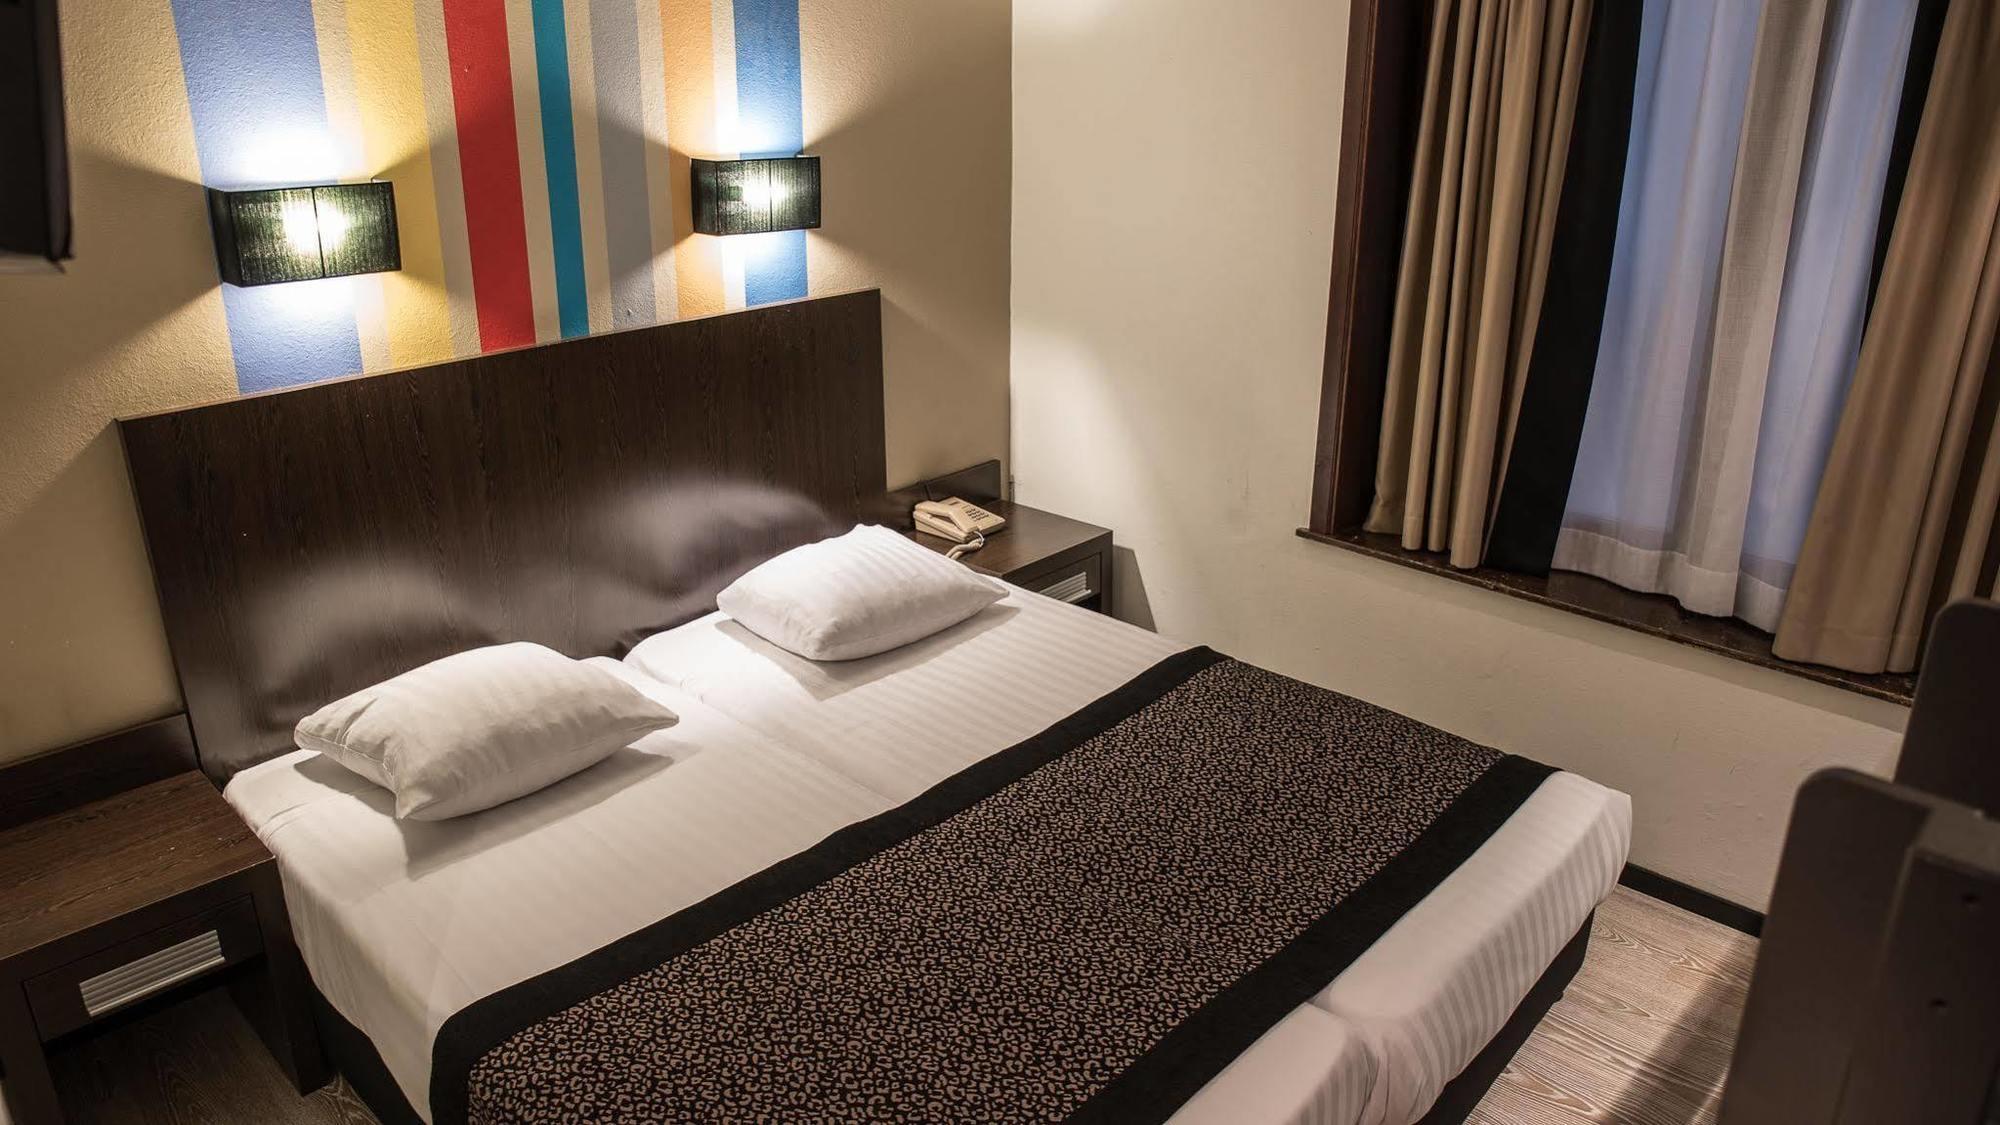 هتل فلوریس اوستل میدی بروکسل